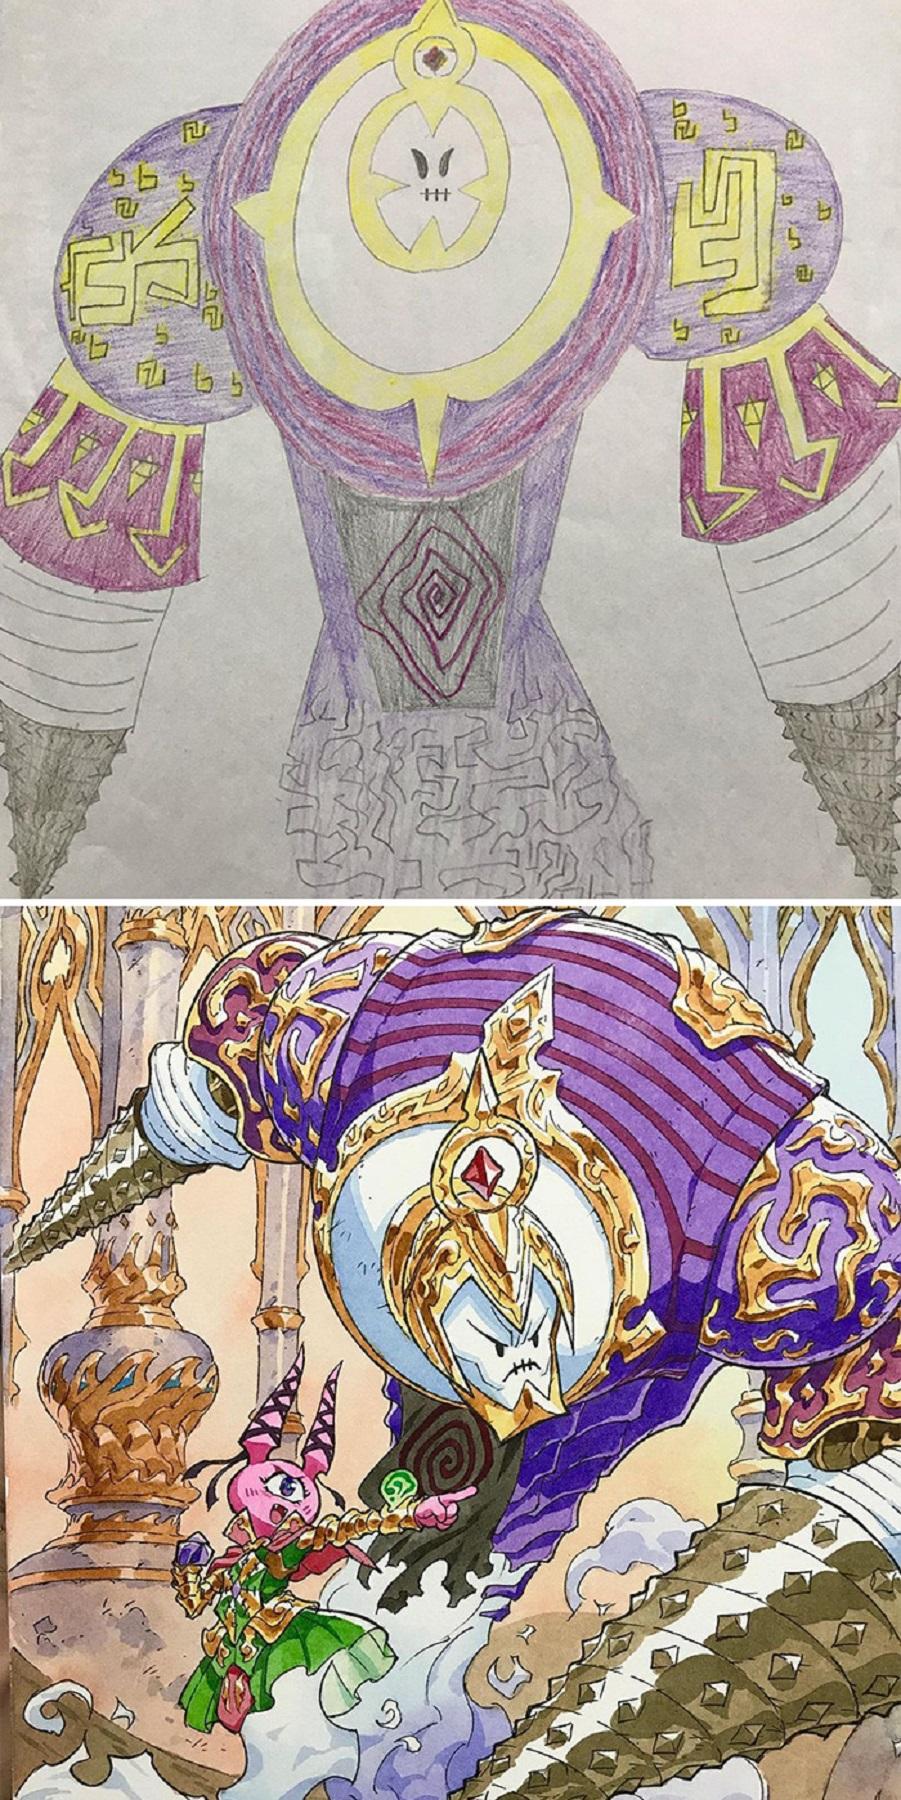 Thomas Romain artista frances transforma rabiscos em personagens de anime para incentivar lado artistico de seus filhos 9